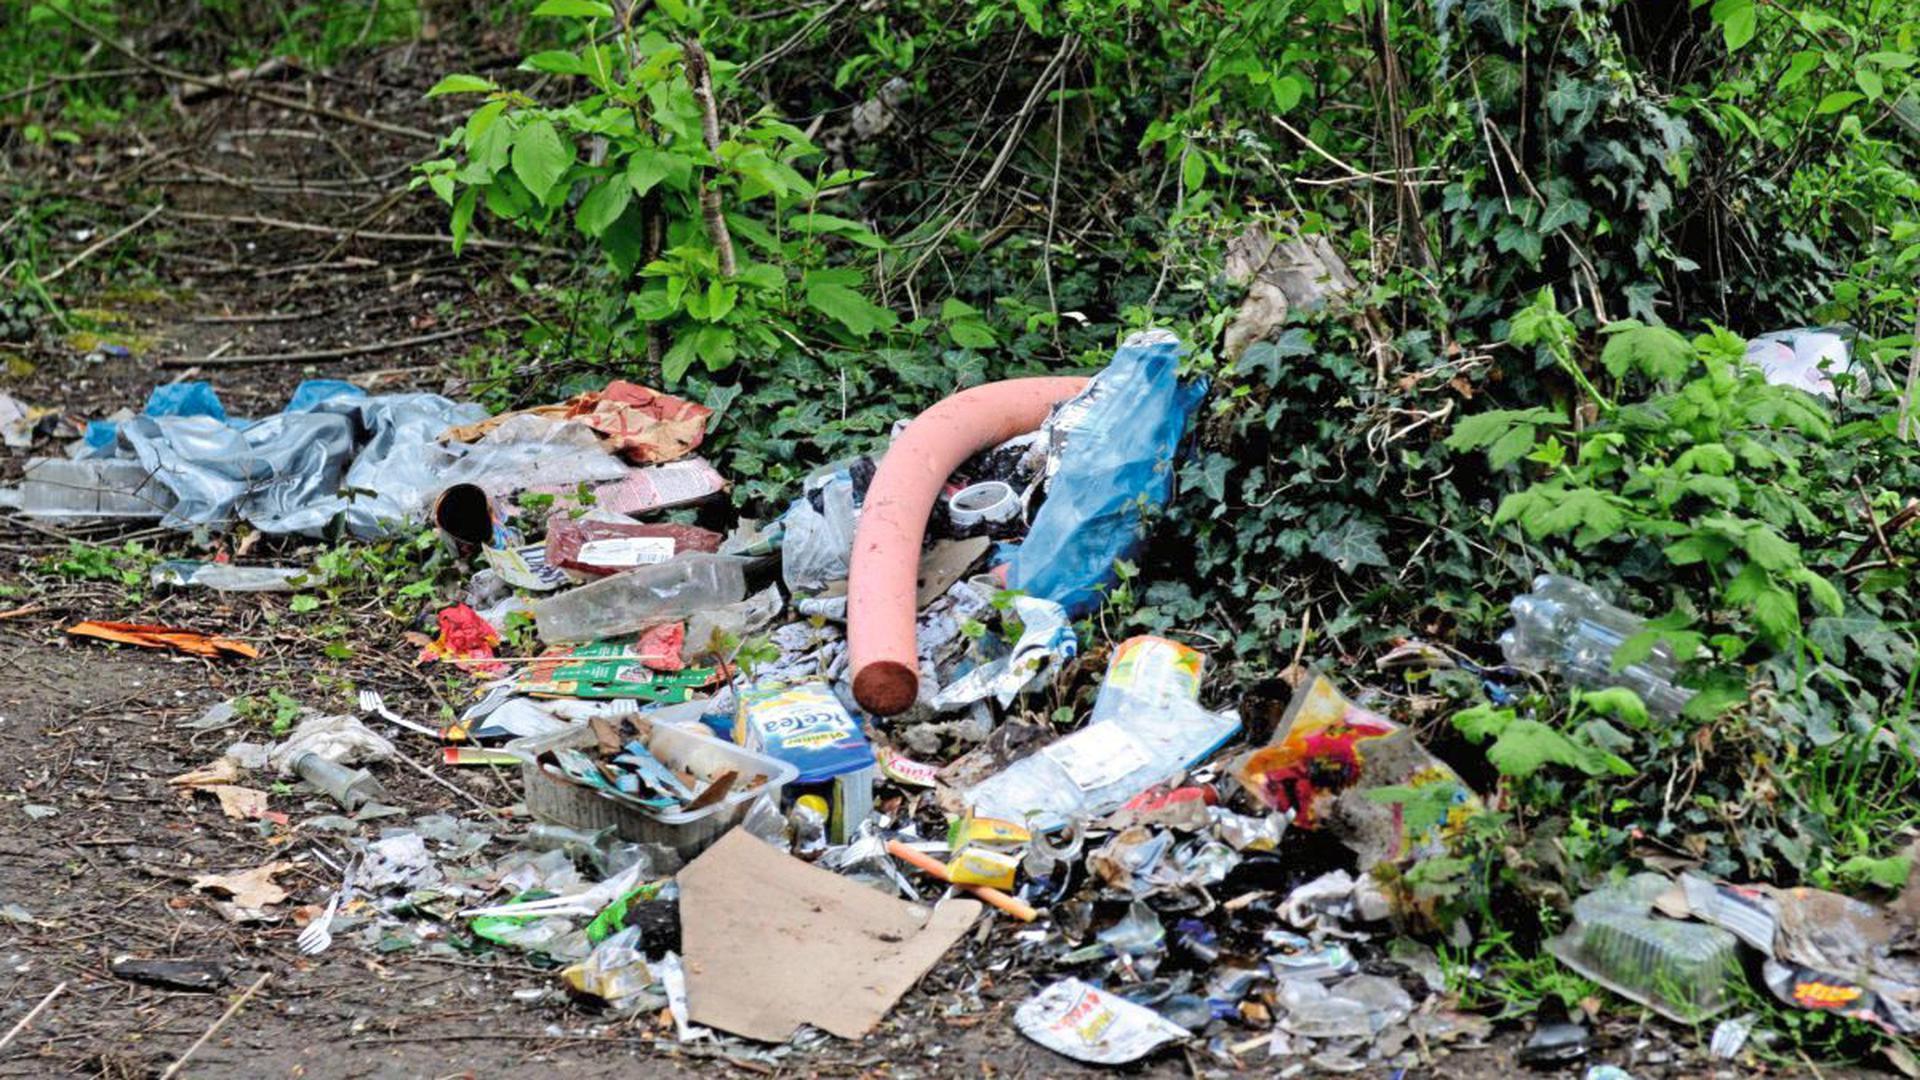 Immer mehr Menschen entsorgen ihren Müll in der Natur. Die Förster ärgert das.